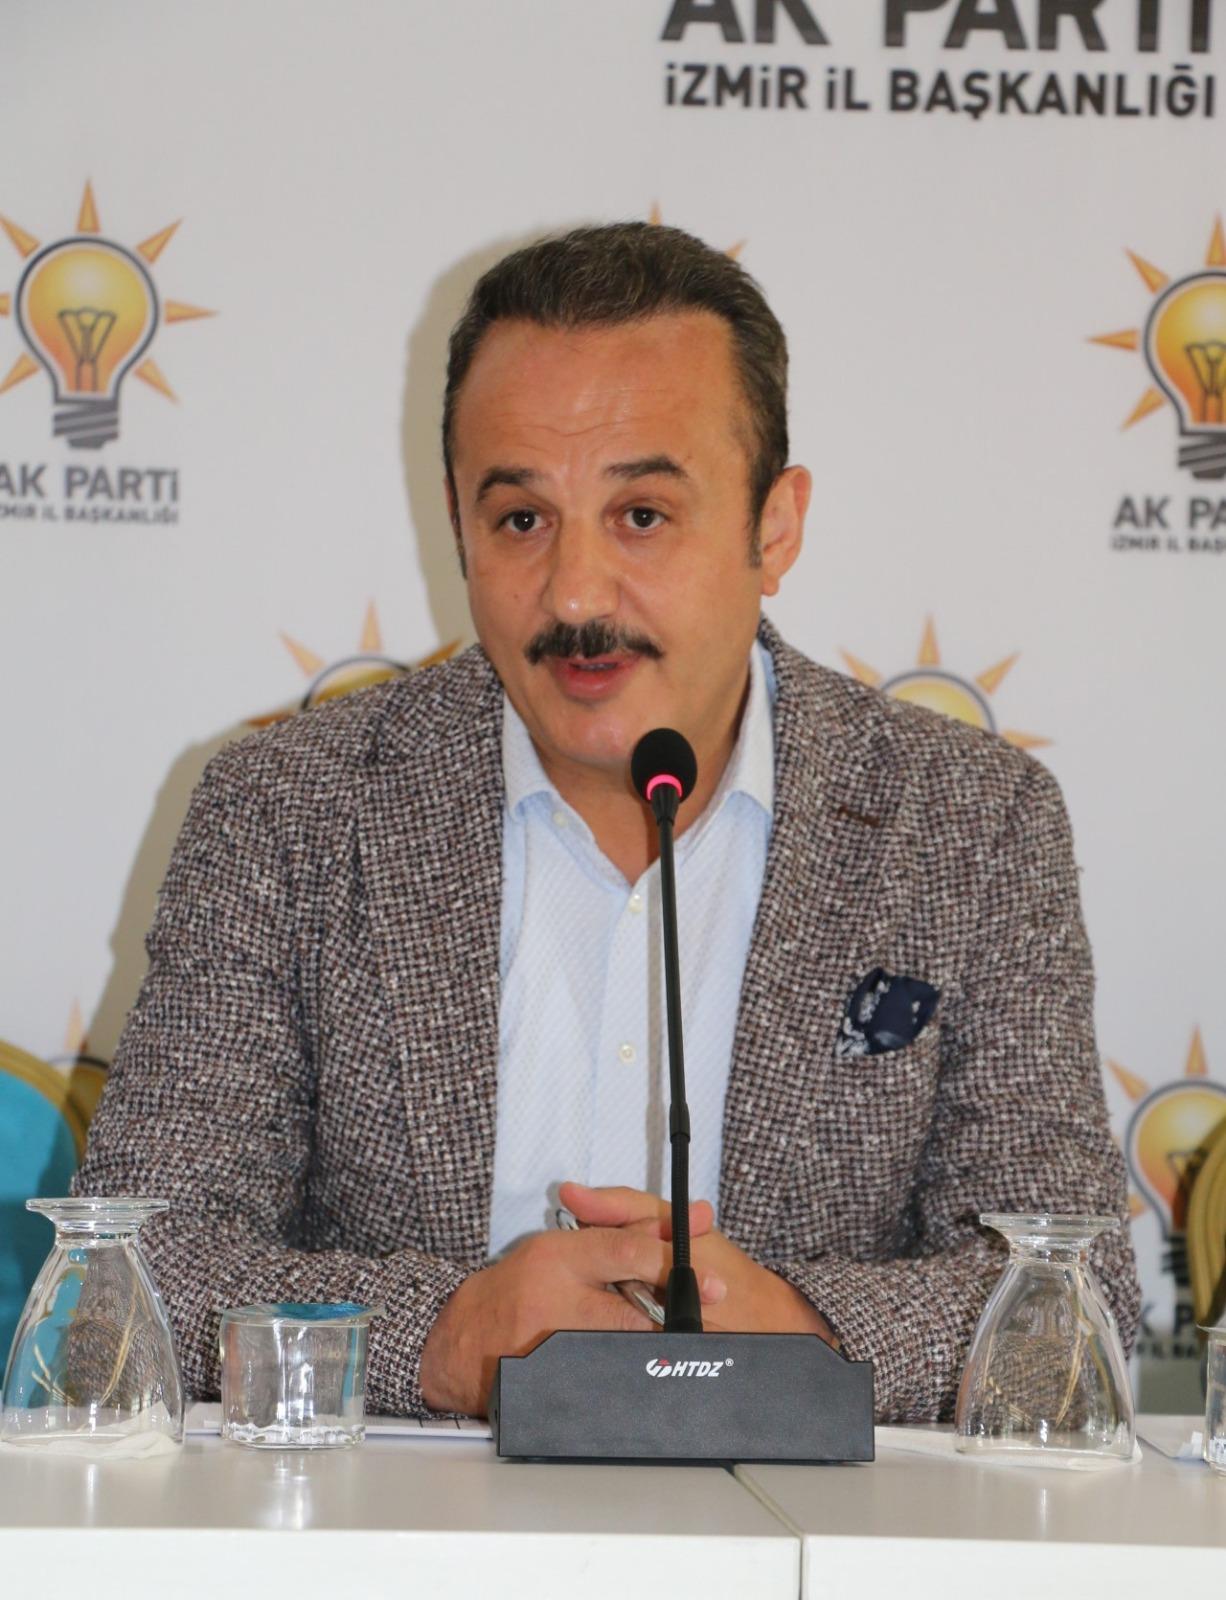 Şengül: İzmir'i almaya değil, İzmir'e hizmet vermeye geliyoruz